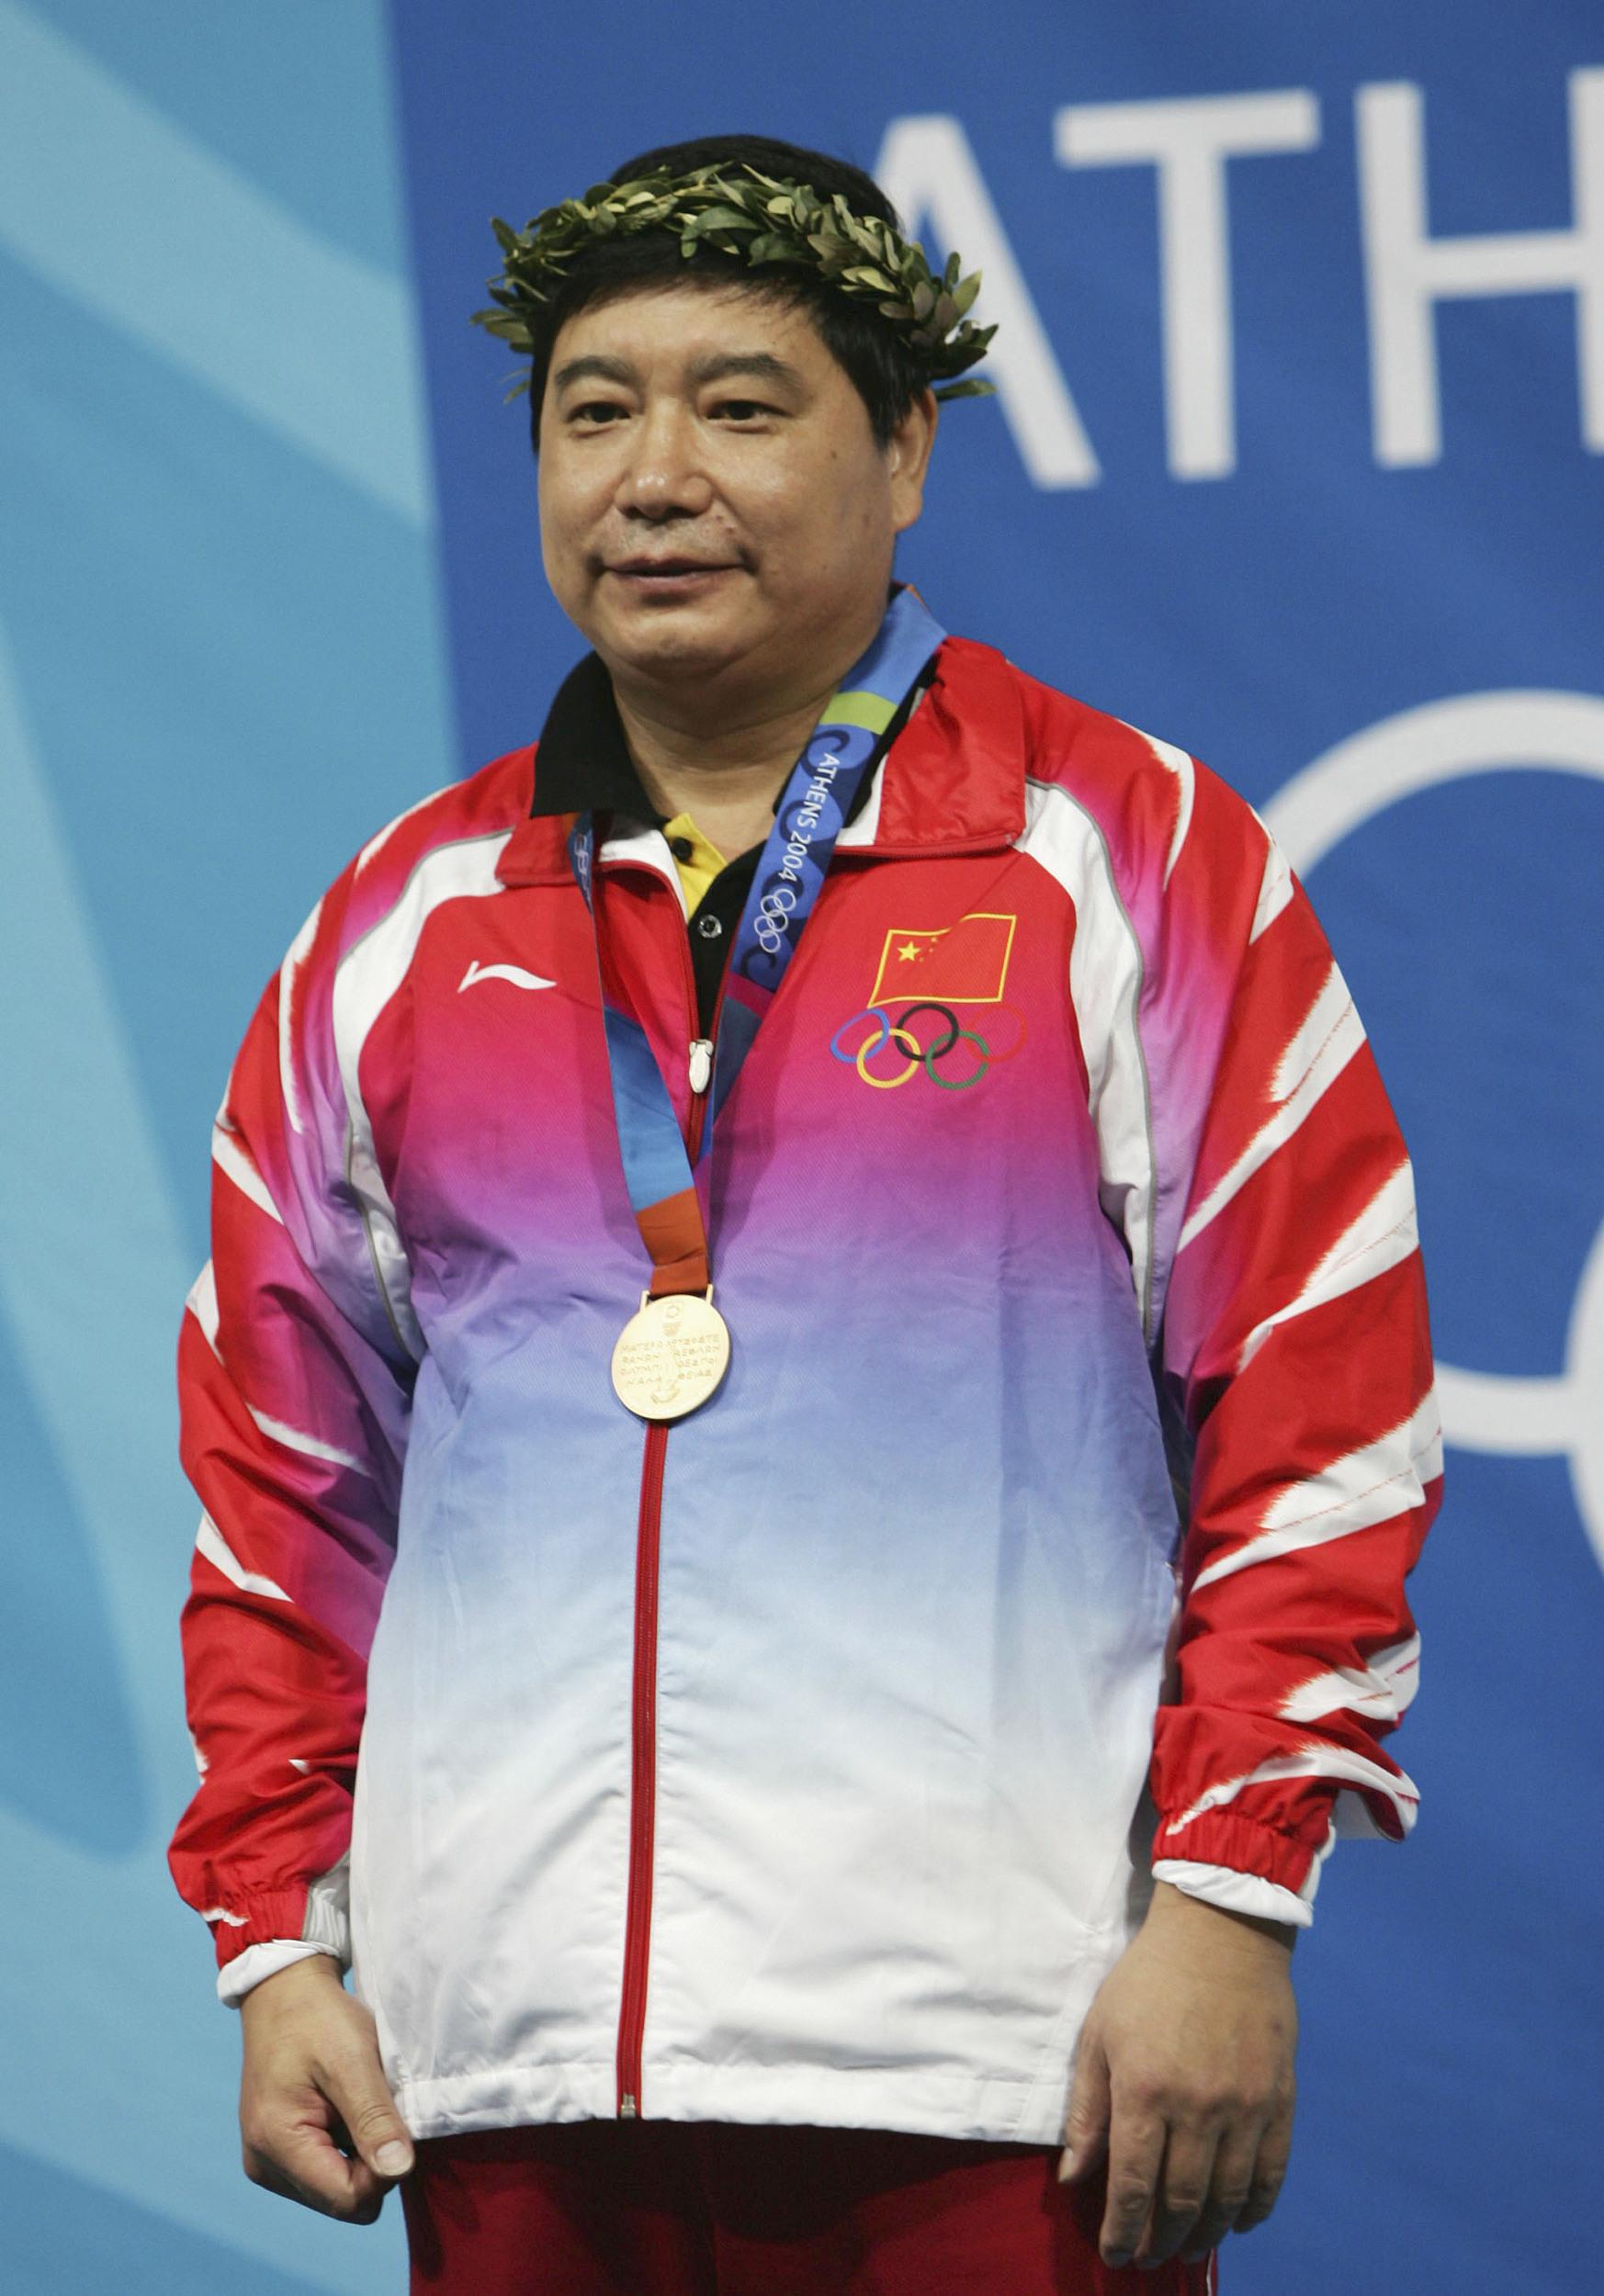 王義夫2004年雅典奧運會奪得10米氣手槍金牌。